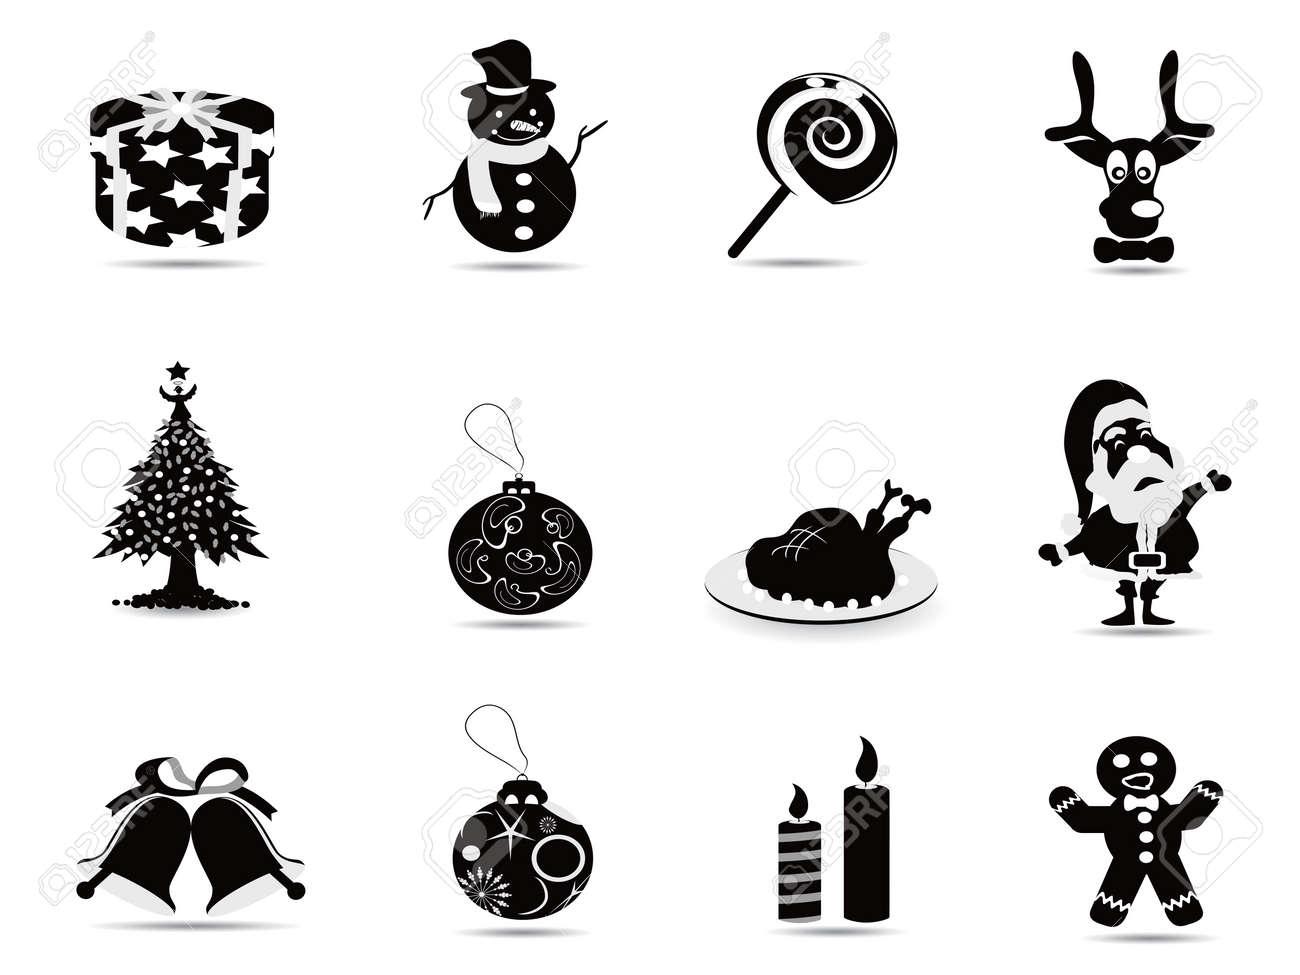 black christmas icon set for christmas holiday Stock Vector - 10770893